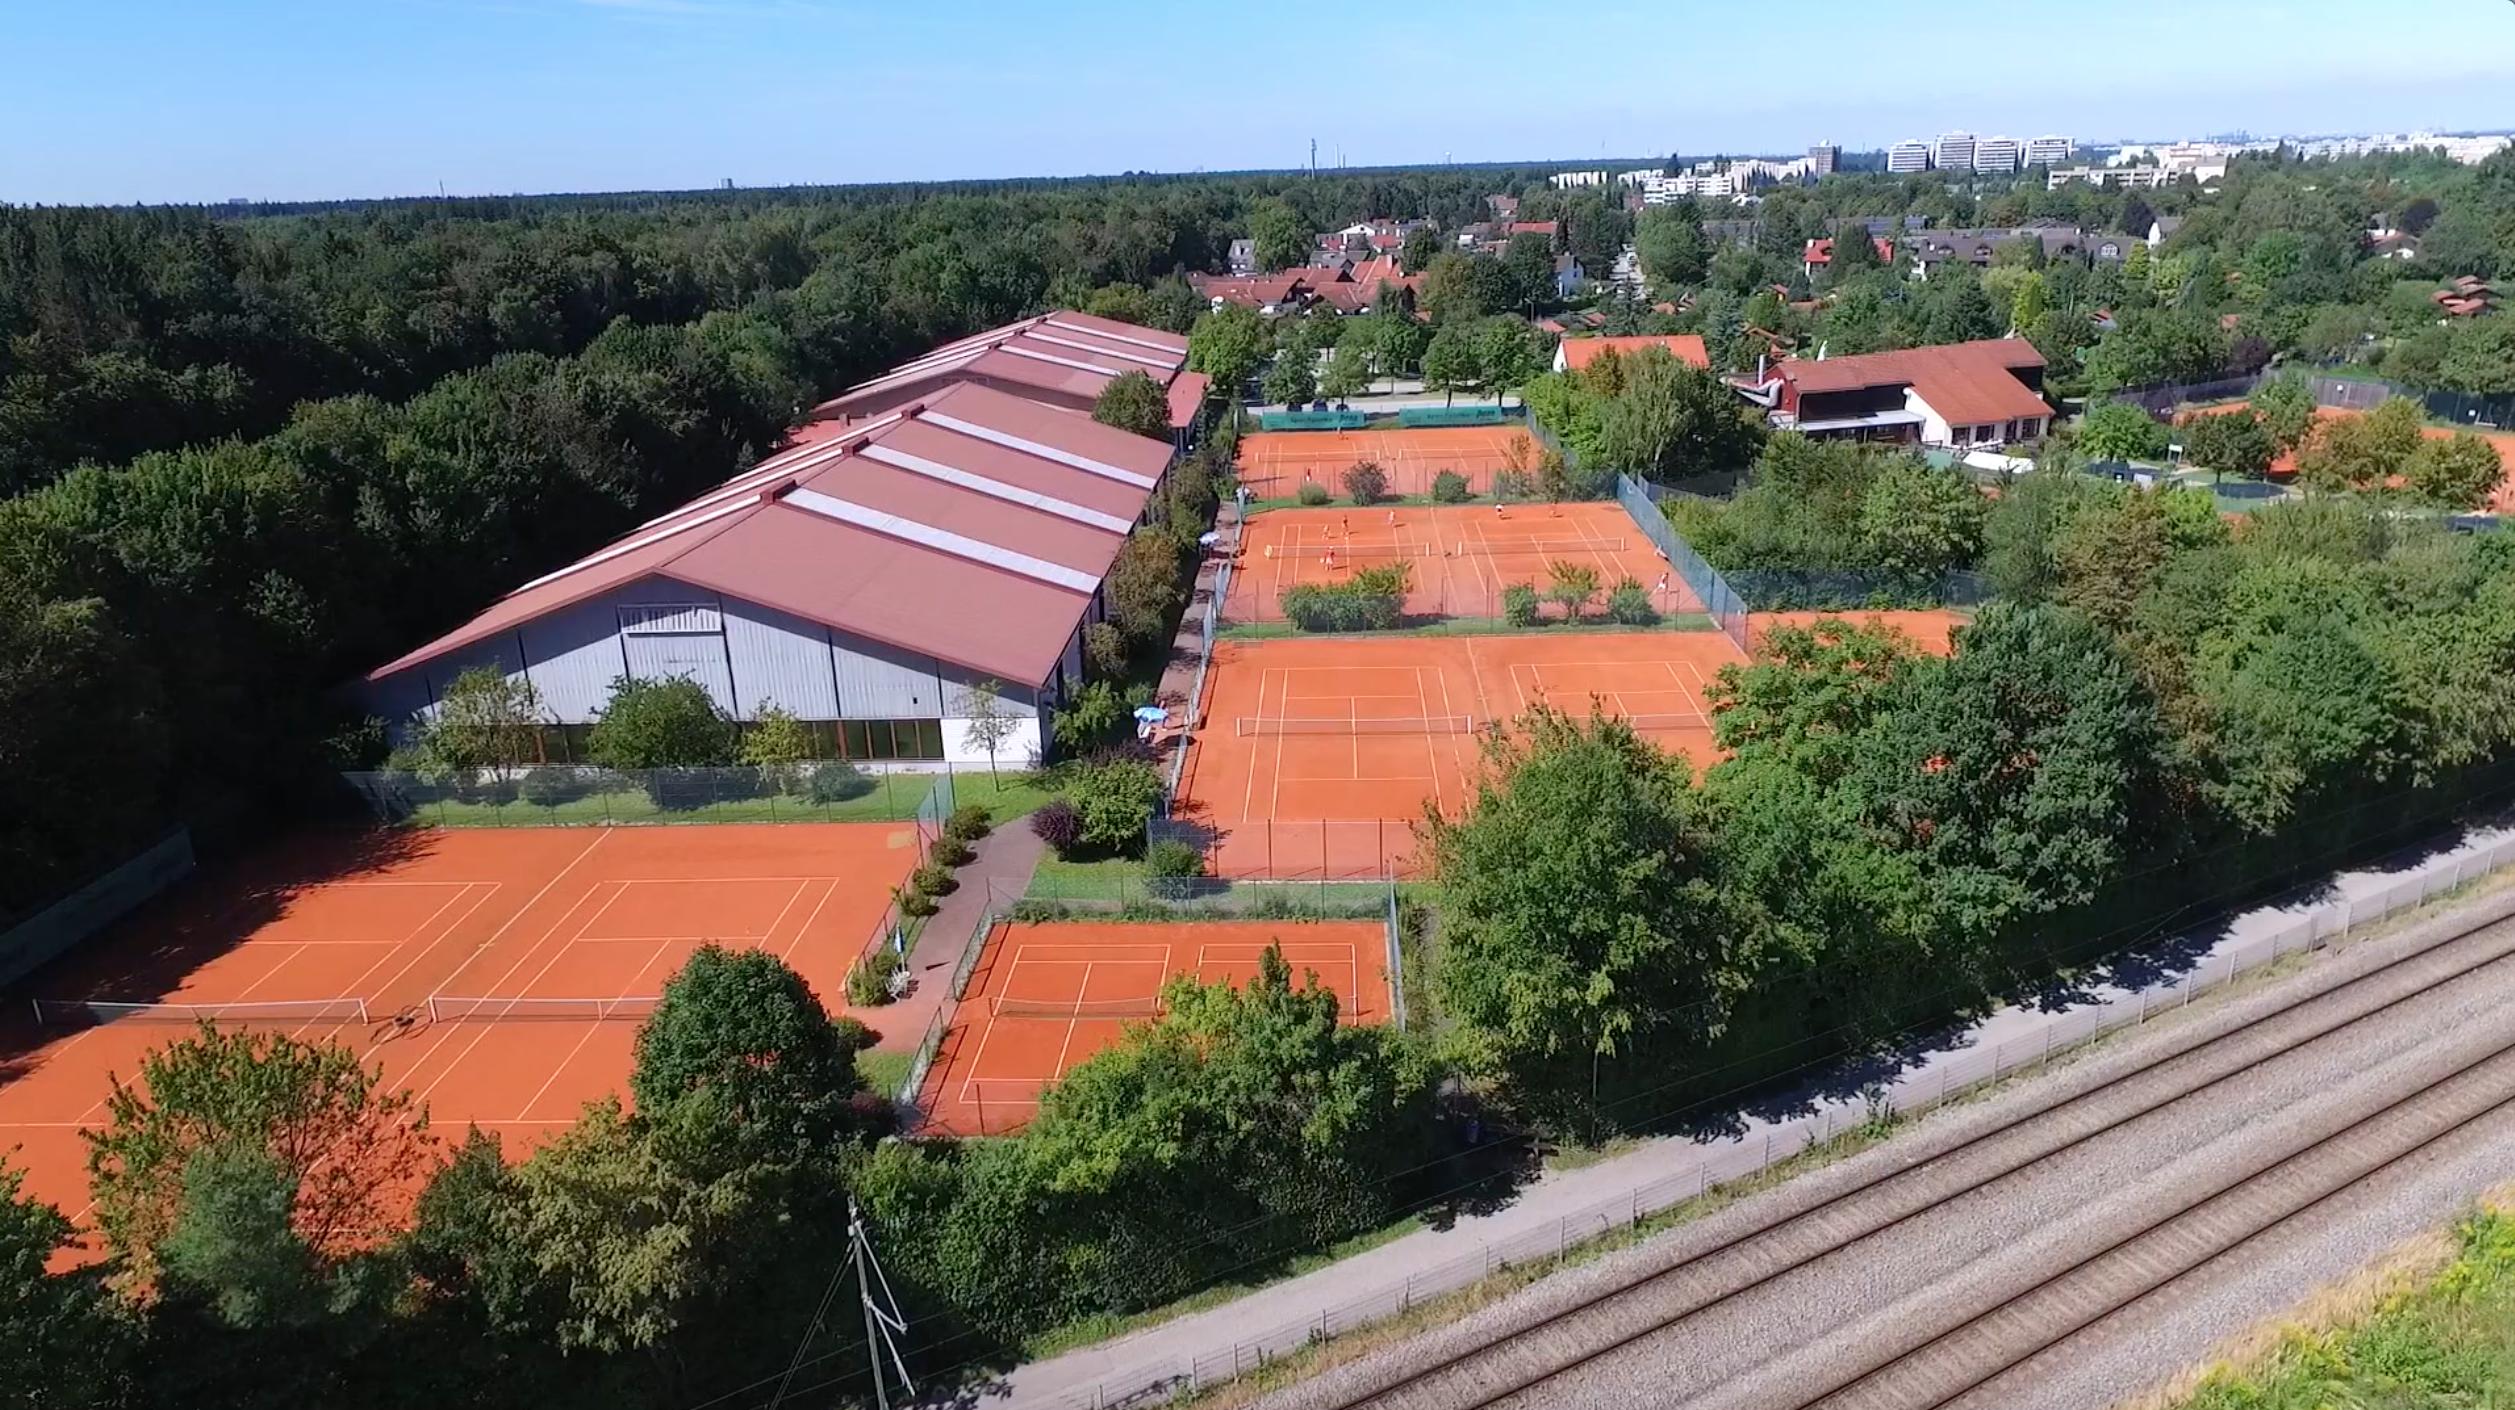 Tennisanlage Taufkirchen Tennis Raschke mit Drohne aufgenommen